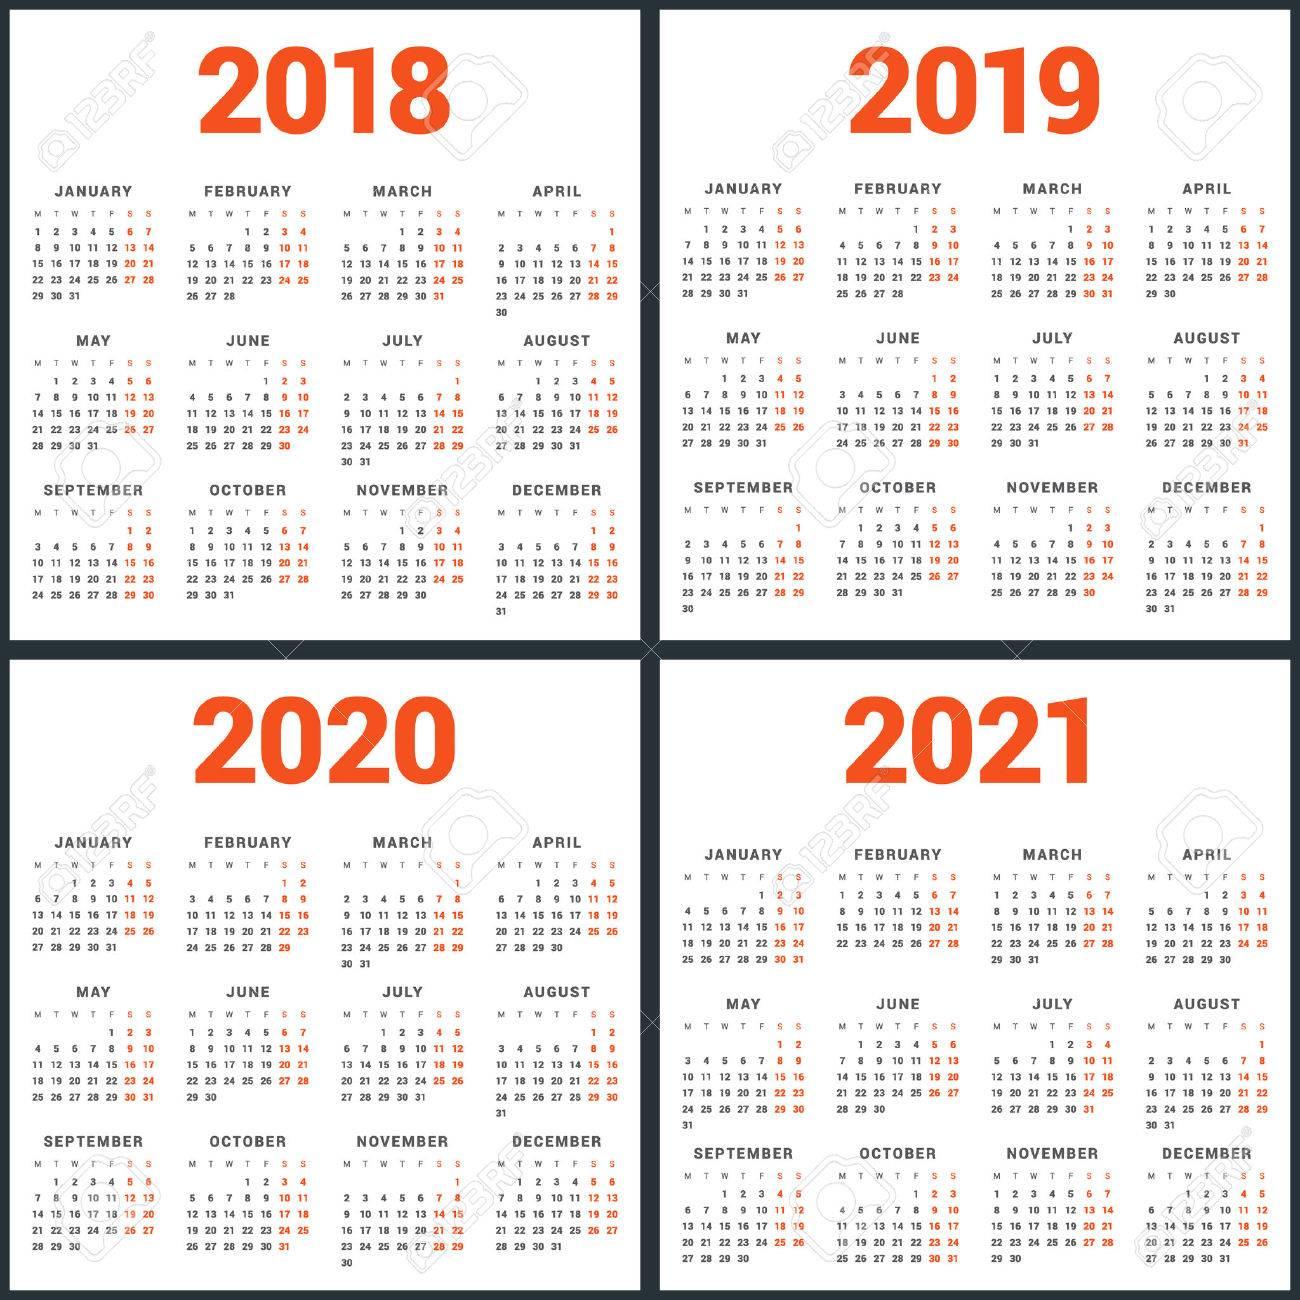 Settimane Calendario 2020.Set Di Calendari Per 2018 2019 2020 2021 Anni La Settimana Inizia Lunedi Modello Vettoriale Semplice Modello Di Disegno Della Cancelleria